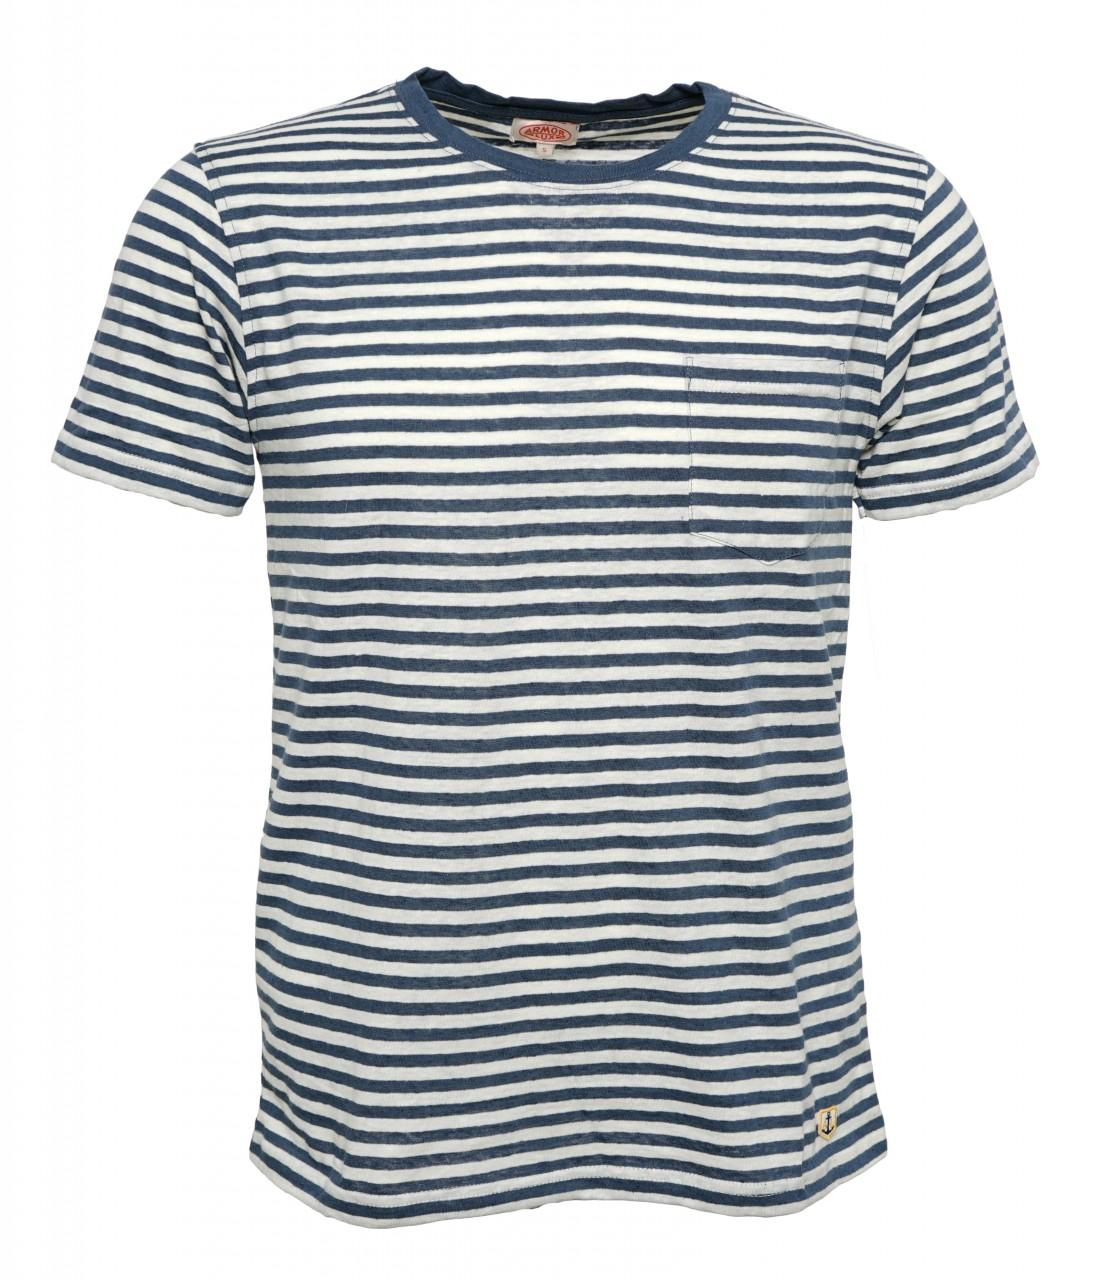 Armor Lux Streifen-T-Shirt Herren mit Leinen Blau-Weiß Heritage